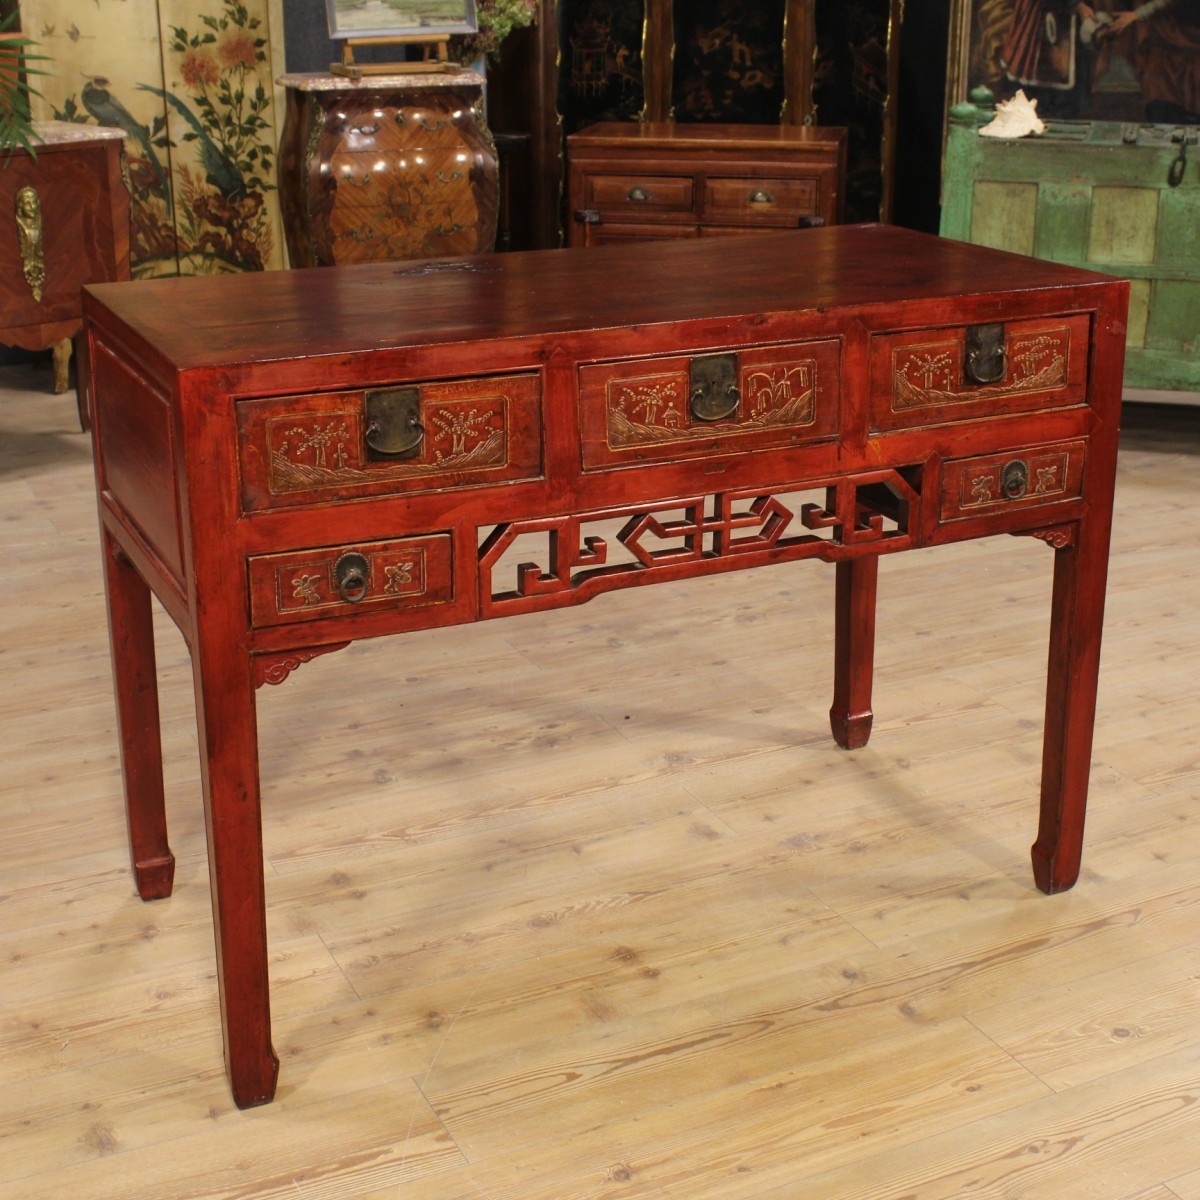 Originalit in casa i mobili antichi laccati - Mobili laccati moderni ...